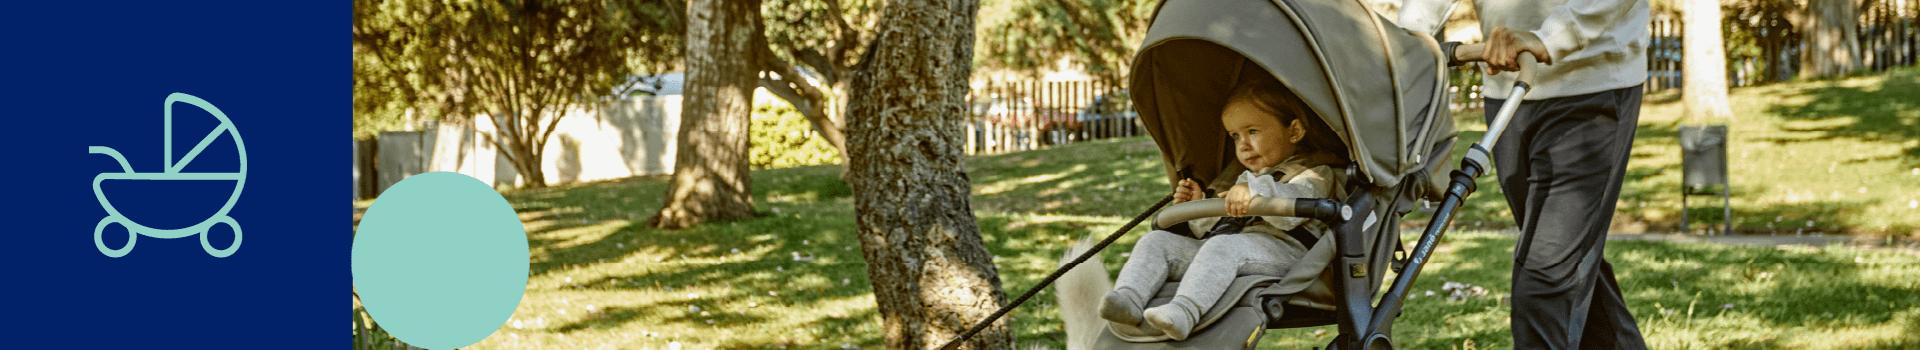 Passeio bebé | Cadeira de passeio e Acessórios bebé | Janéword